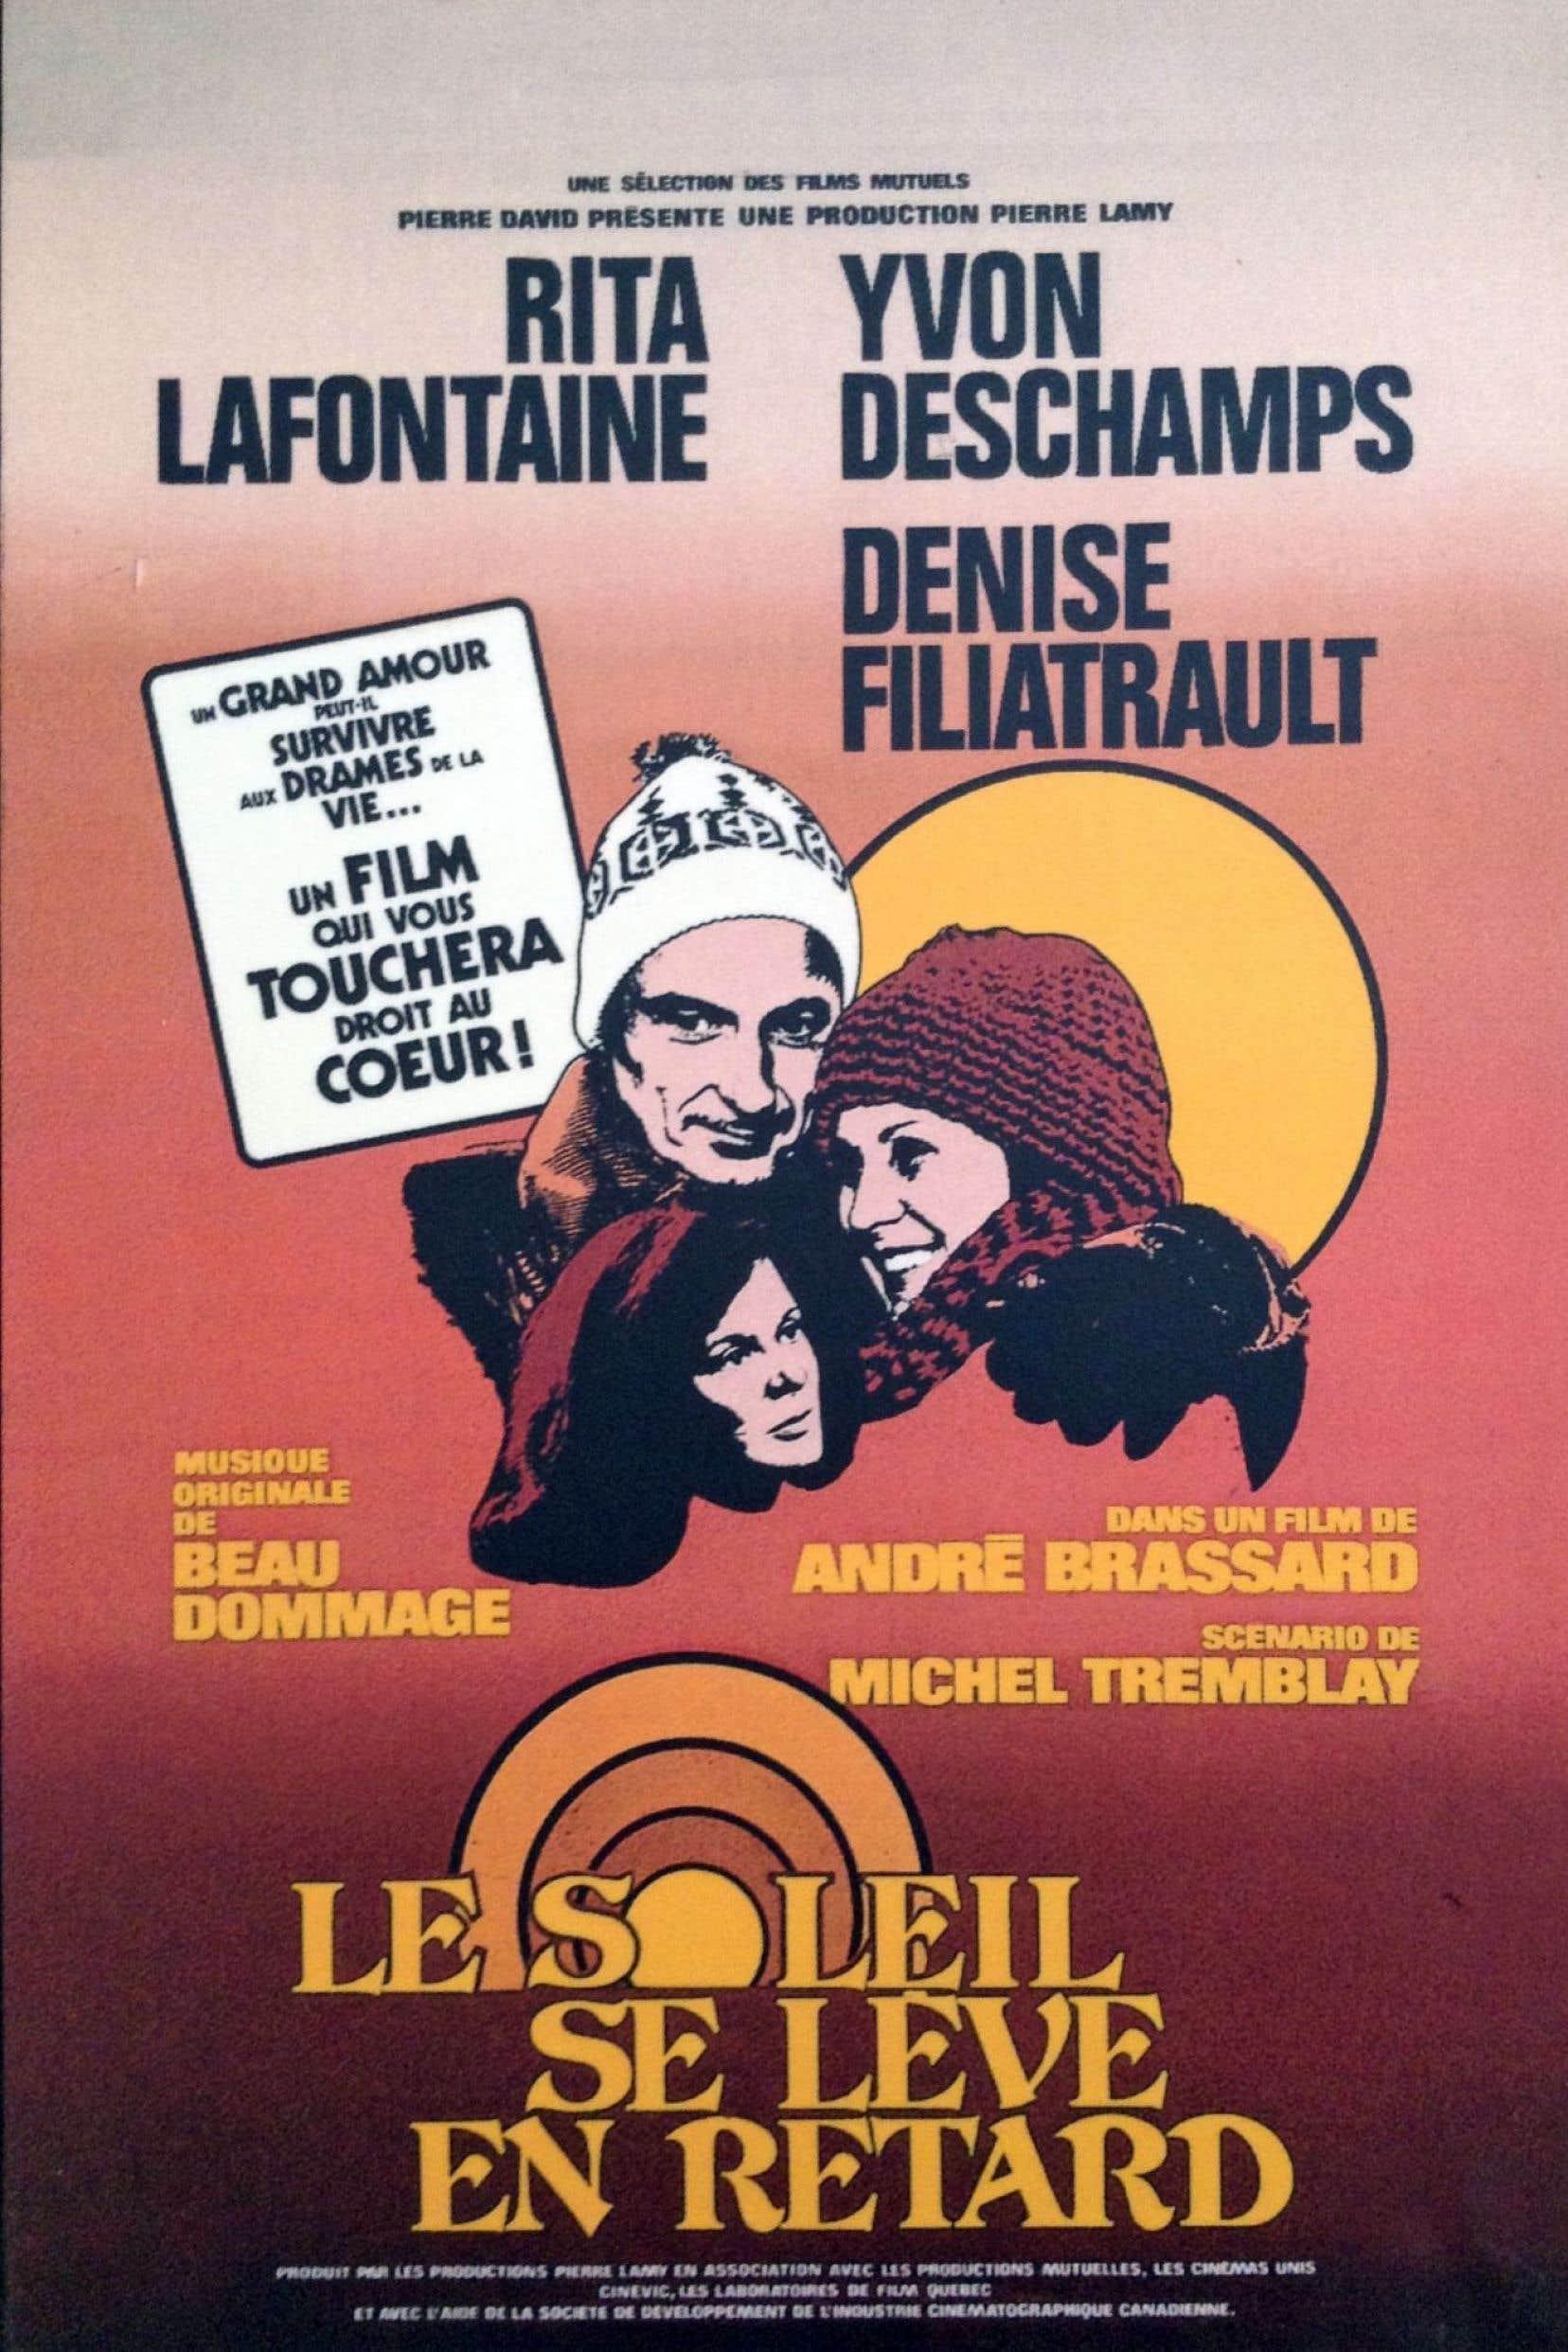 L'affiche du film d'André Brassard sur un scénario de Michel Tremblay, «Le soleil se lève en retard»